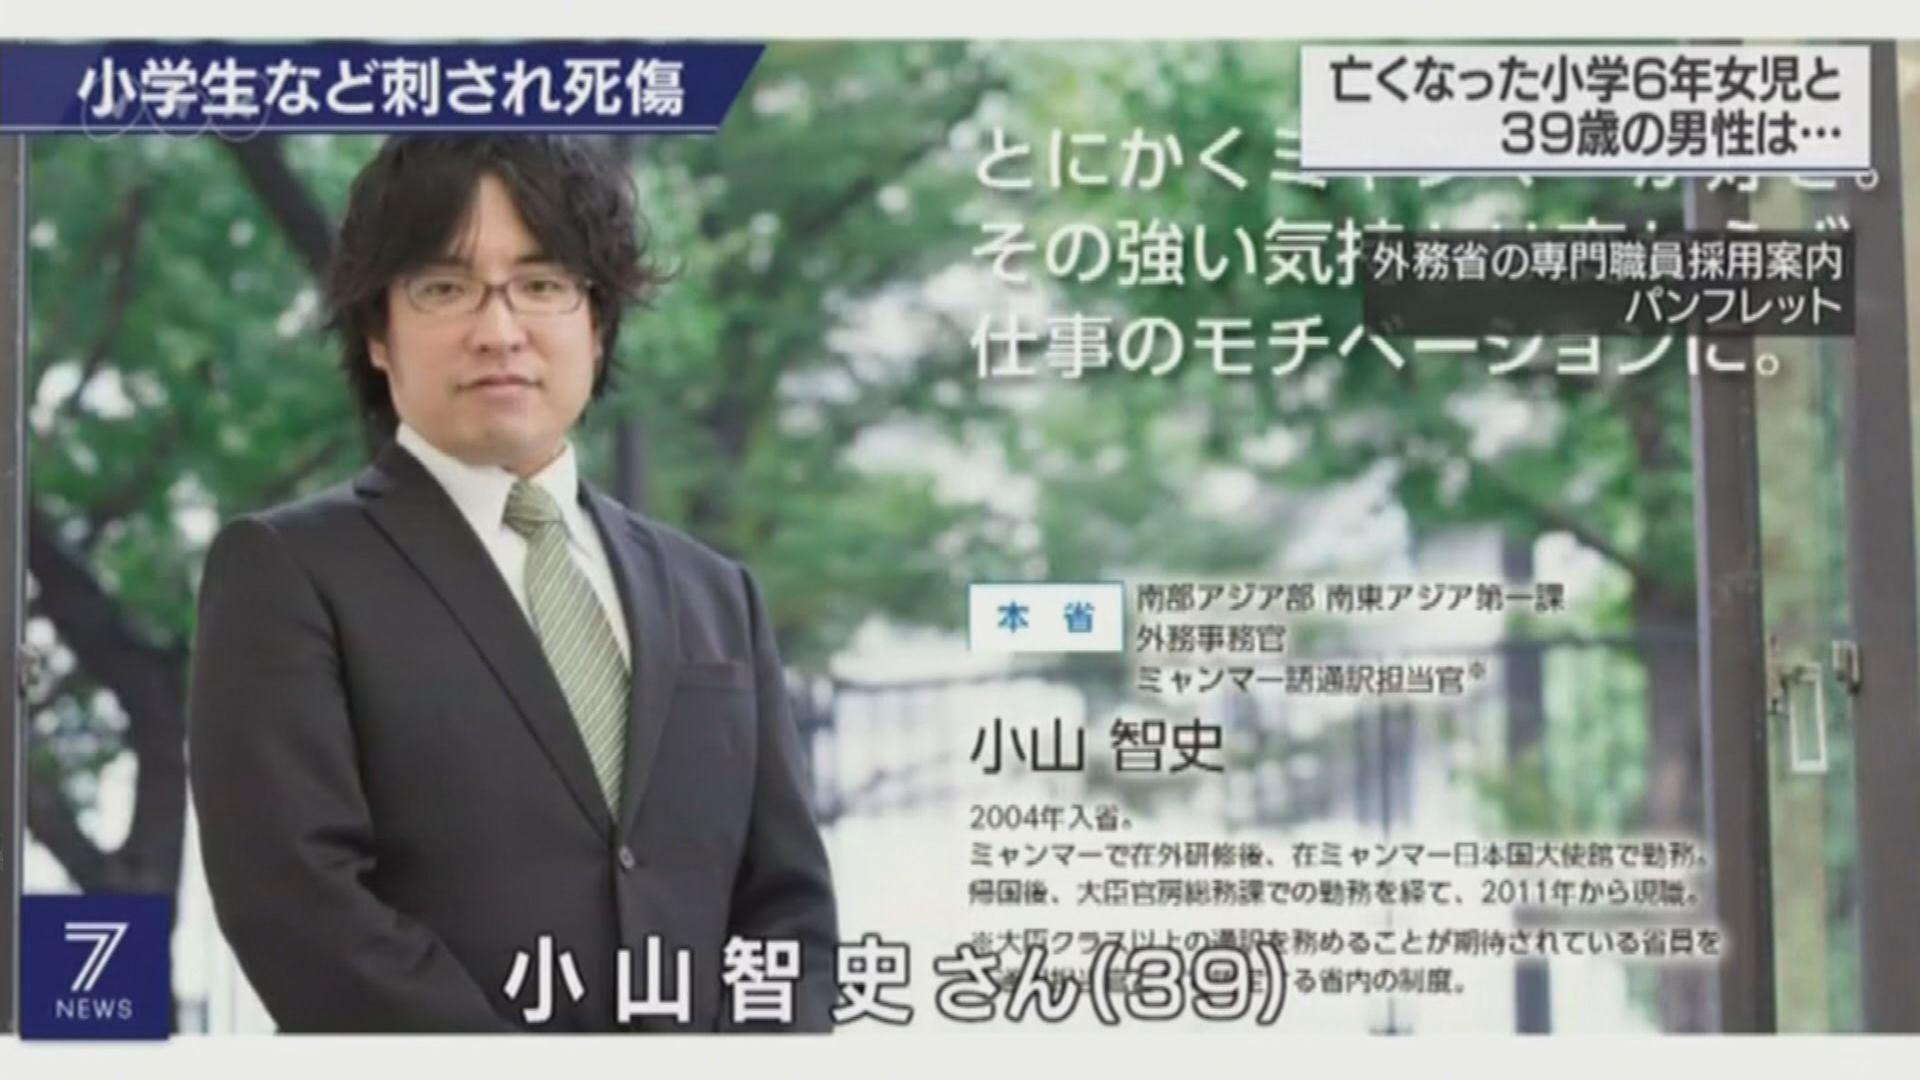 日本街頭持刀襲擊遇害者生前任職外務省